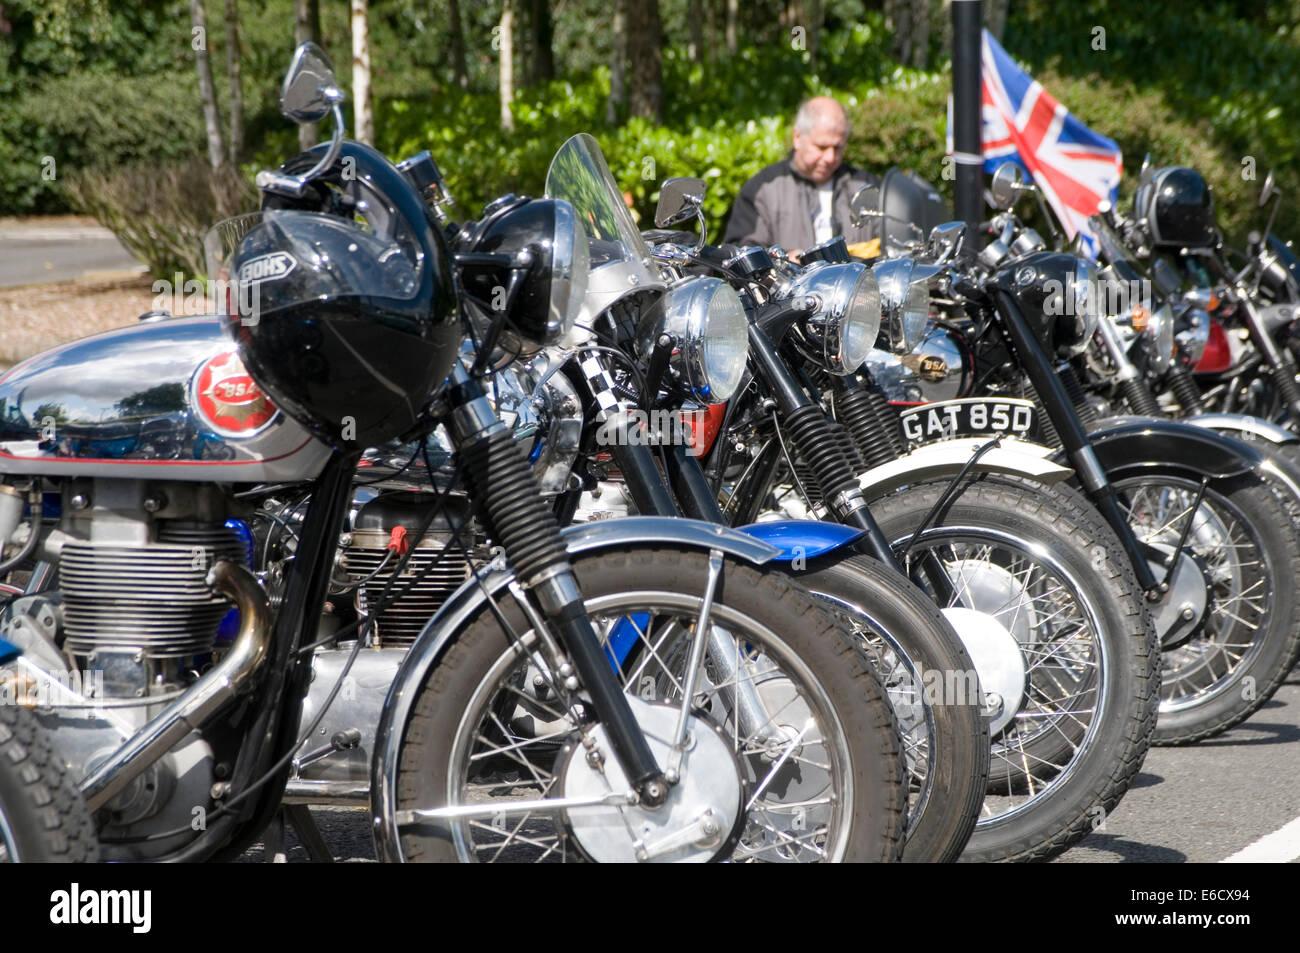 classic british motorbikes motorbike motor bike bikes old cycle cycles motorcycle motorcycles parallel twin engine - Stock Image